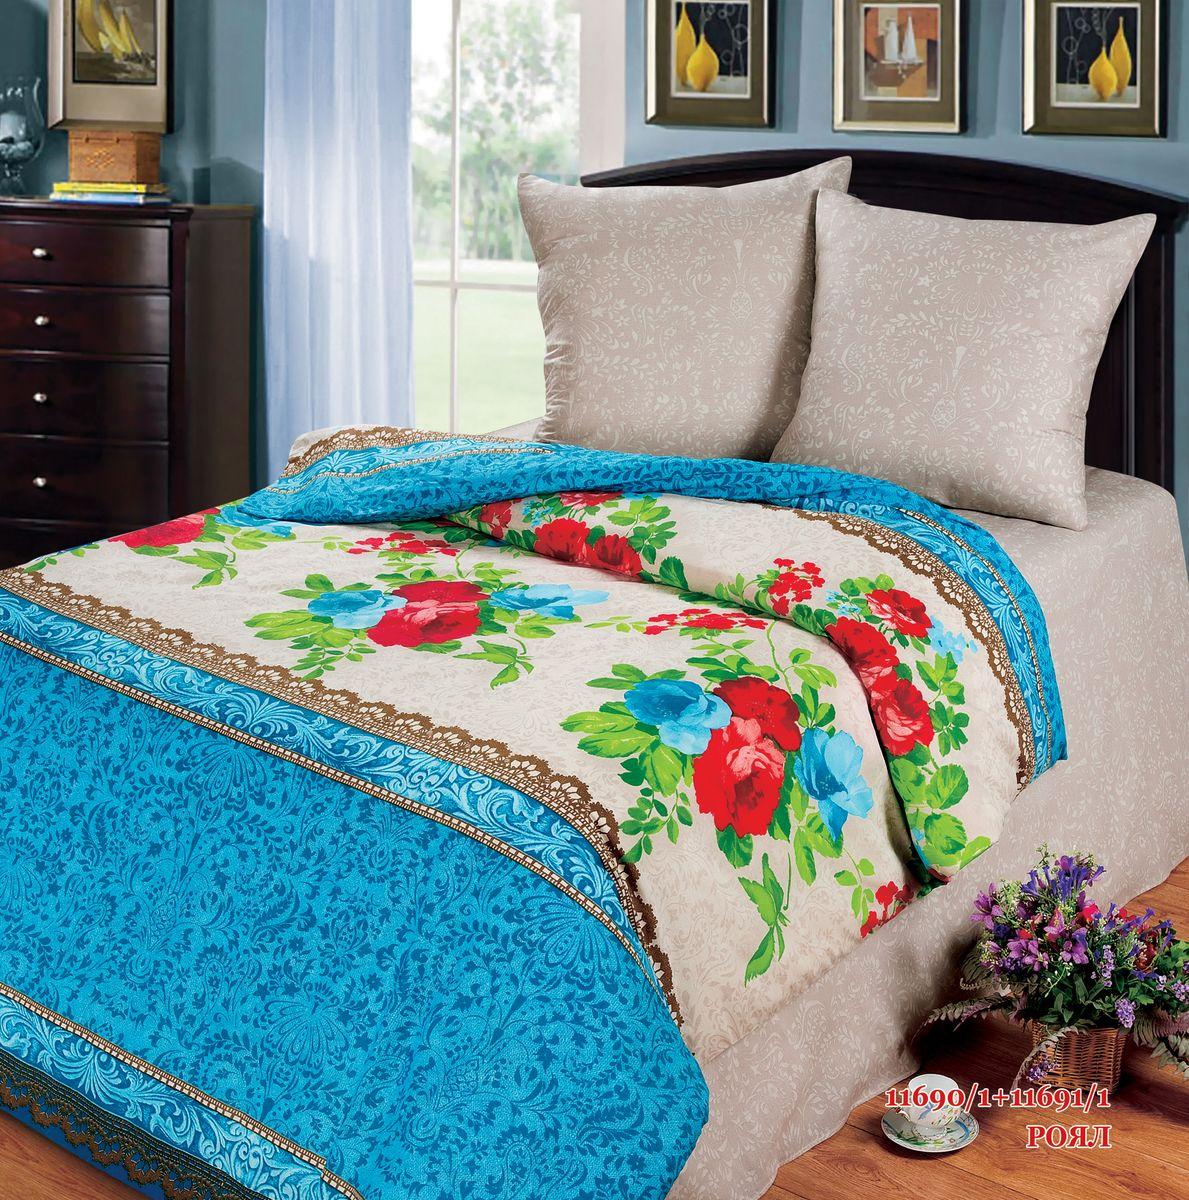 Комплект белья Любимый дом Роял, 2-спальный, наволочки 70х70, цвет: голубой, бежевый, красный. 267942267942Комплект постельного белья Любимый дом Роял состоит из пододеяльника, простыни и двух наволочек. Постельное белье имеет изысканный внешний вид и обладает яркостью и сочностью цвета. Белье изготовлено из новой ткани Биокомфорт, отвечающей всем необходимым нормативным стандартам. Биокомфорт - это ткань полотняного переплетения, из экологически чистого и натурального 100% хлопка. Неоспоримым плюсом белья из такой ткани является мягкость и легкость, она прекрасно пропускает воздух, приятна на ощупь, не образует катышков на поверхности и за ней легко ухаживать. При соблюдении рекомендаций по уходу, это белье выдерживает много стирок, не линяет и не теряет свою первоначальную прочность. Уникальная ткань обеспечивает легкую глажку. Приобретая комплект постельного белья Любимый дом Роял, вы можете быть уверенны в том, что покупка доставит вам и вашим близким удовольствие и подарит максимальный комфорт.